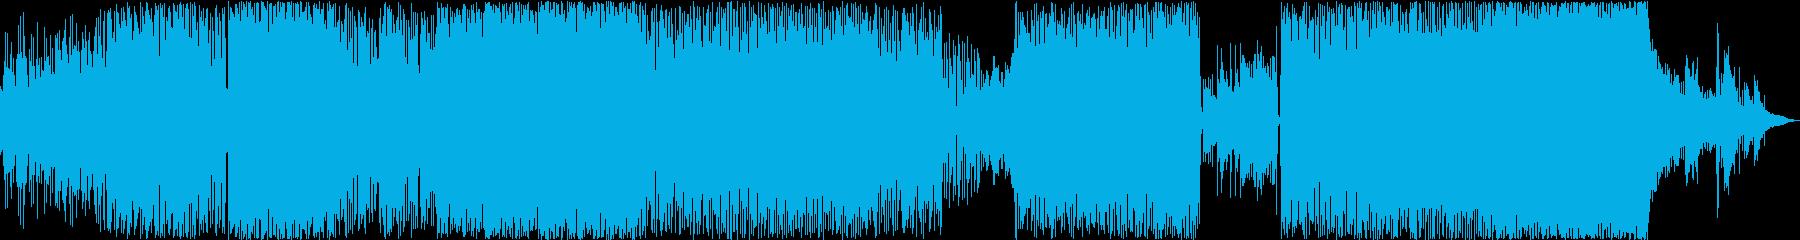 SoulOsciの再生済みの波形